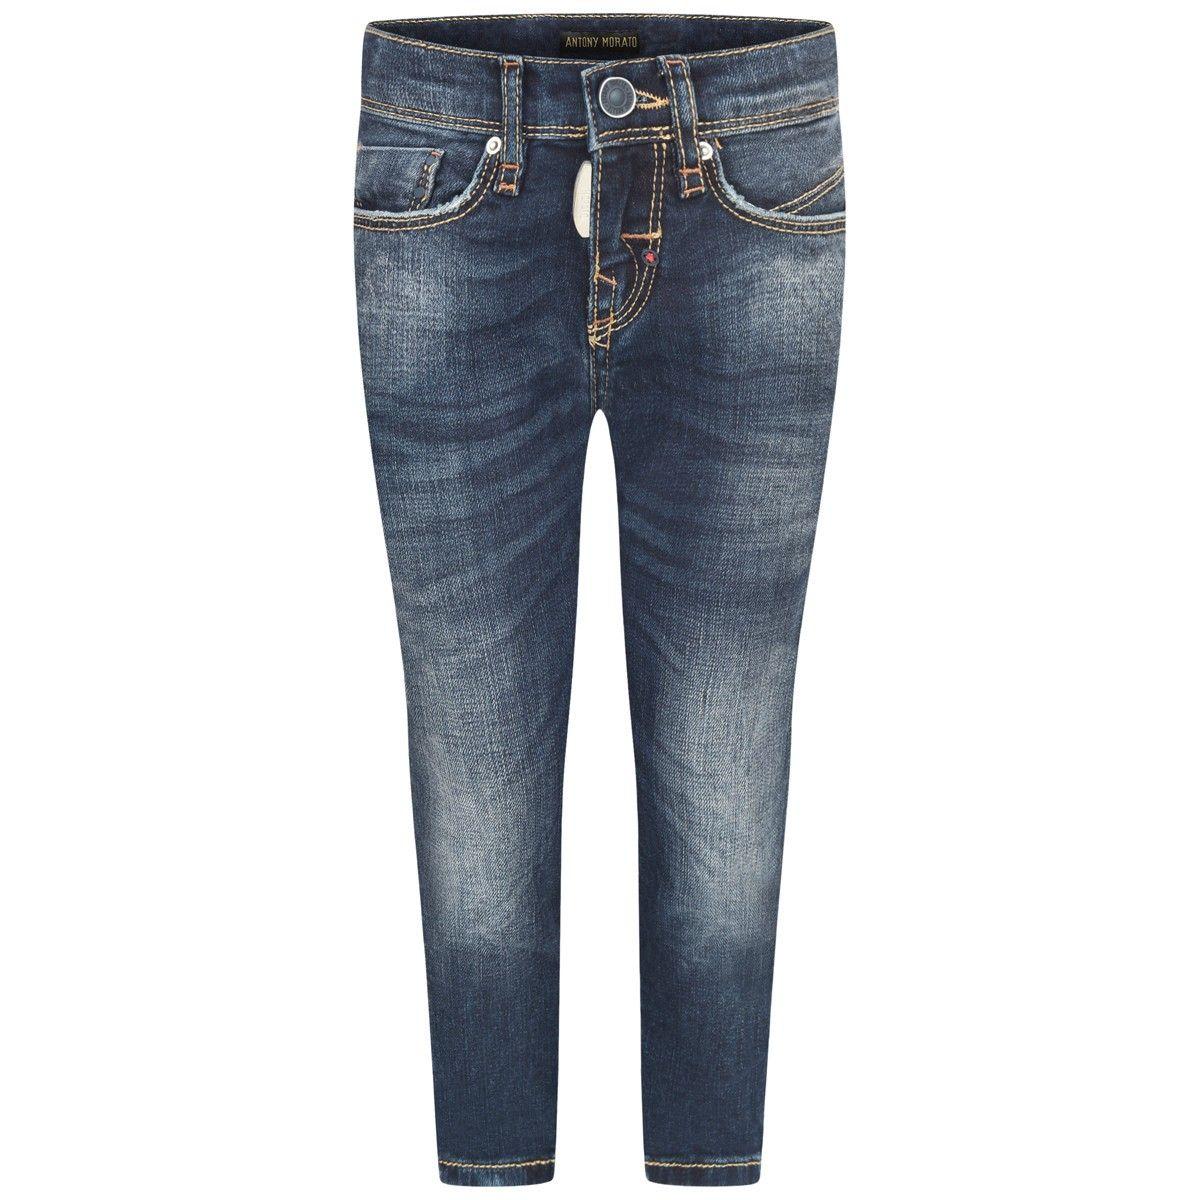 c7e0bfb6318fee Antony Morato Boys Blue Super Skinny Don Giovanni Jeans | Antony ...